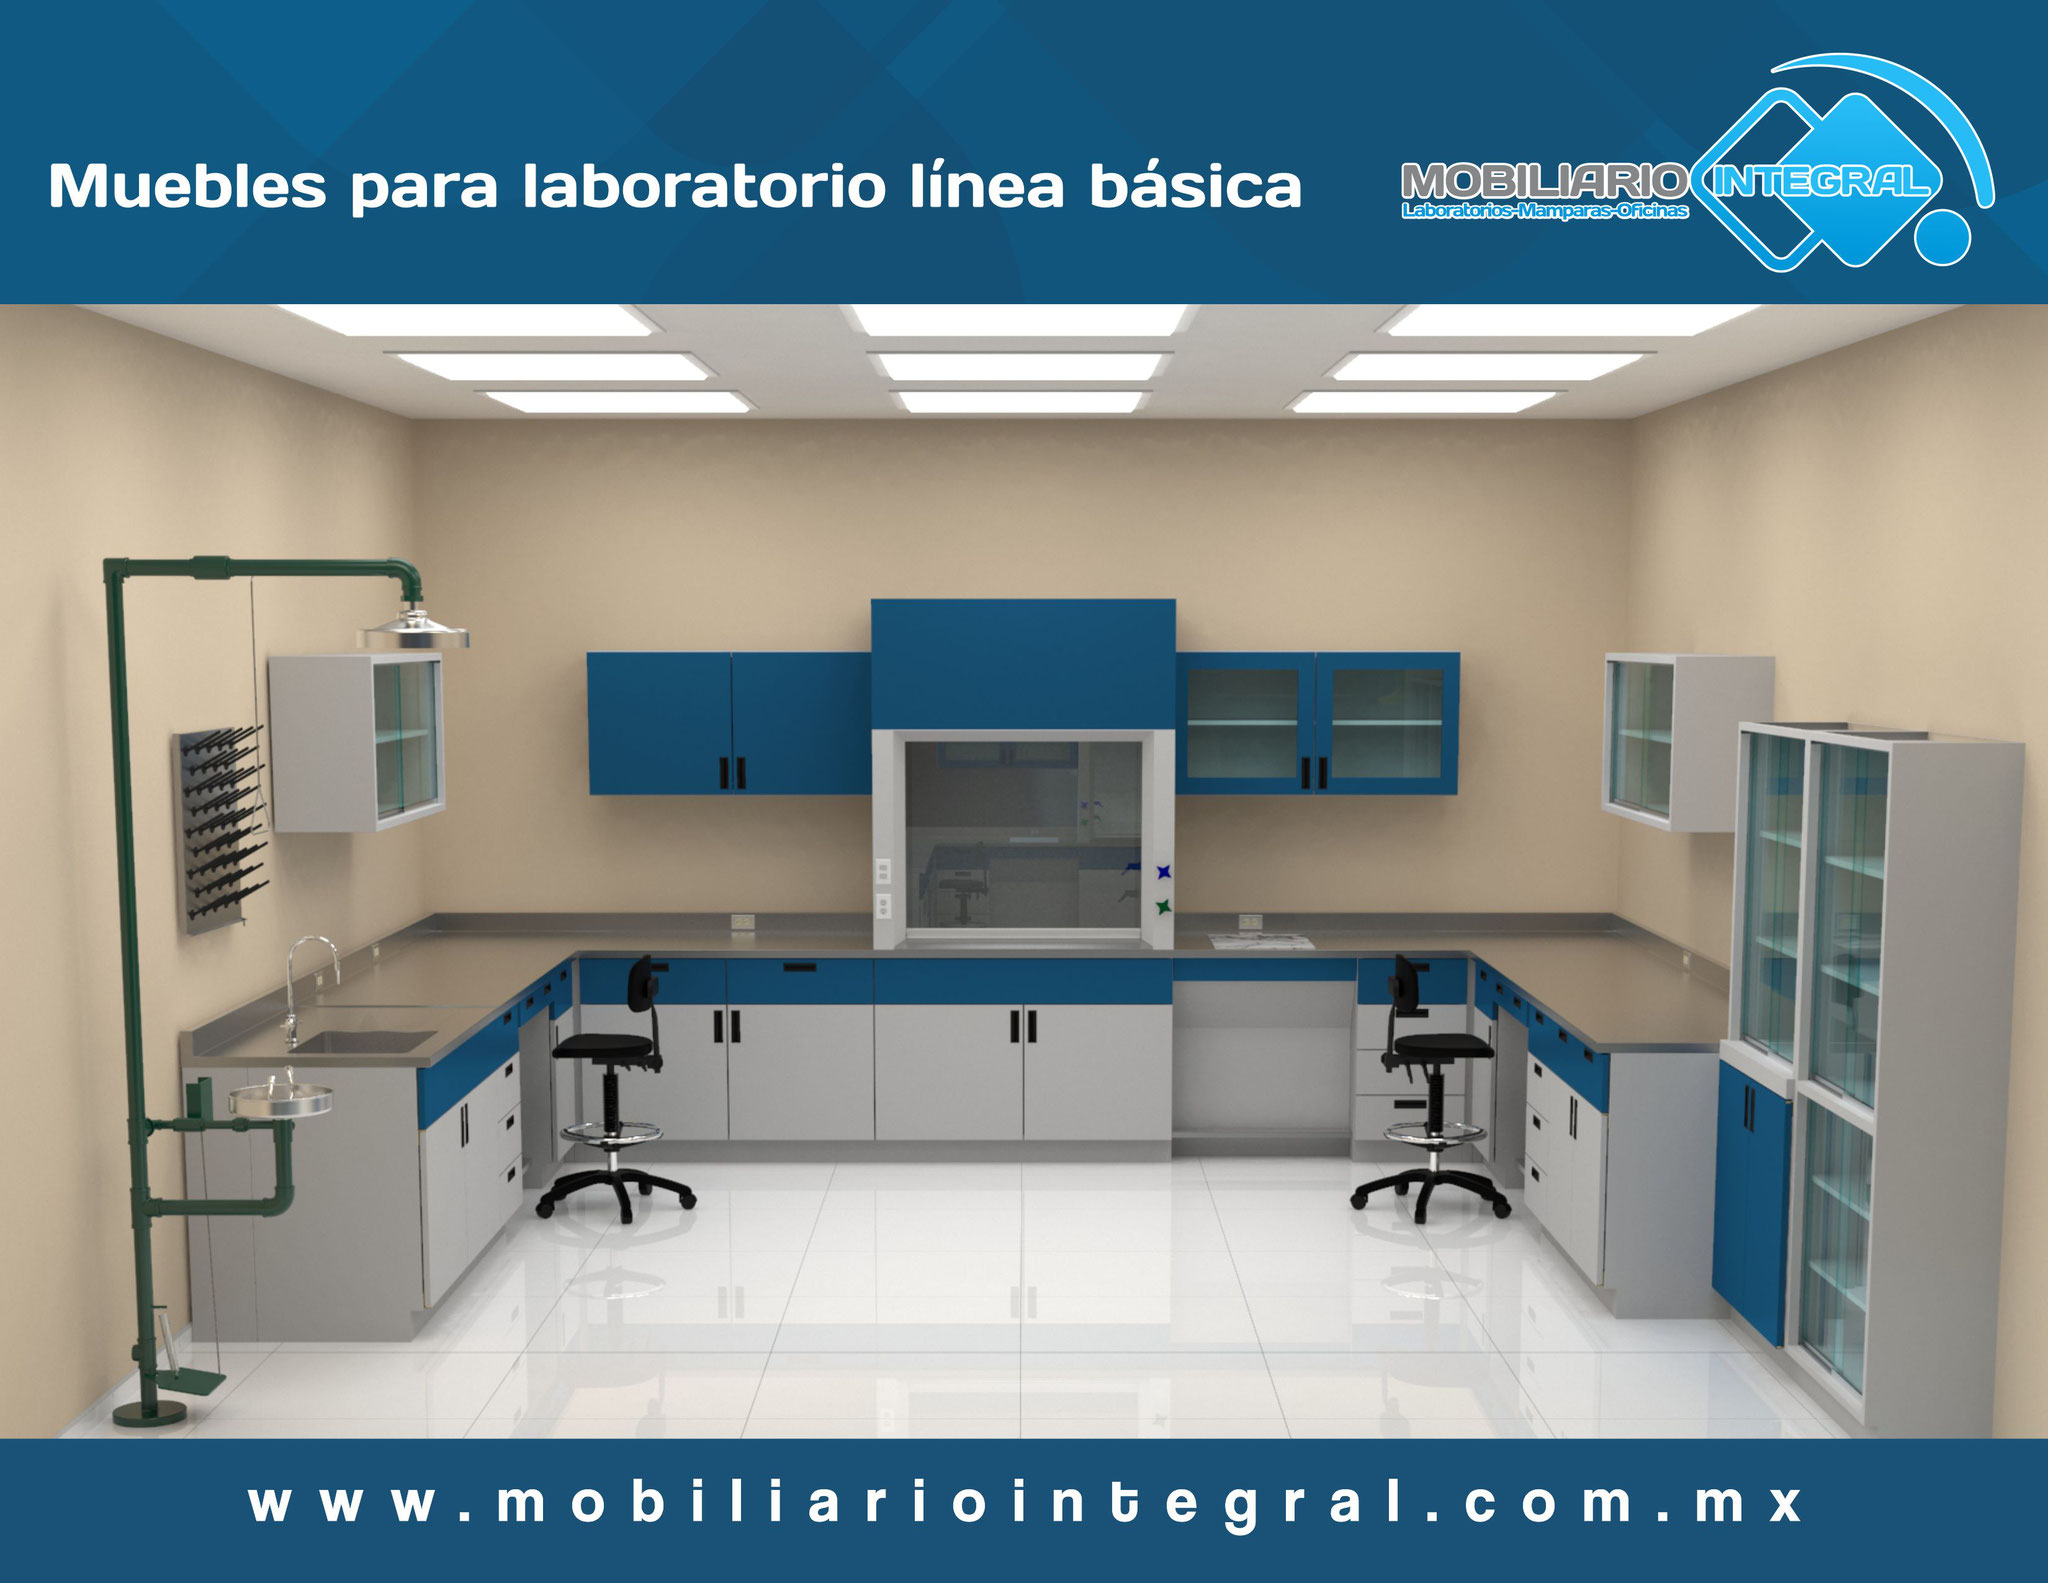 Muebles para laboratorio en Jiutepec